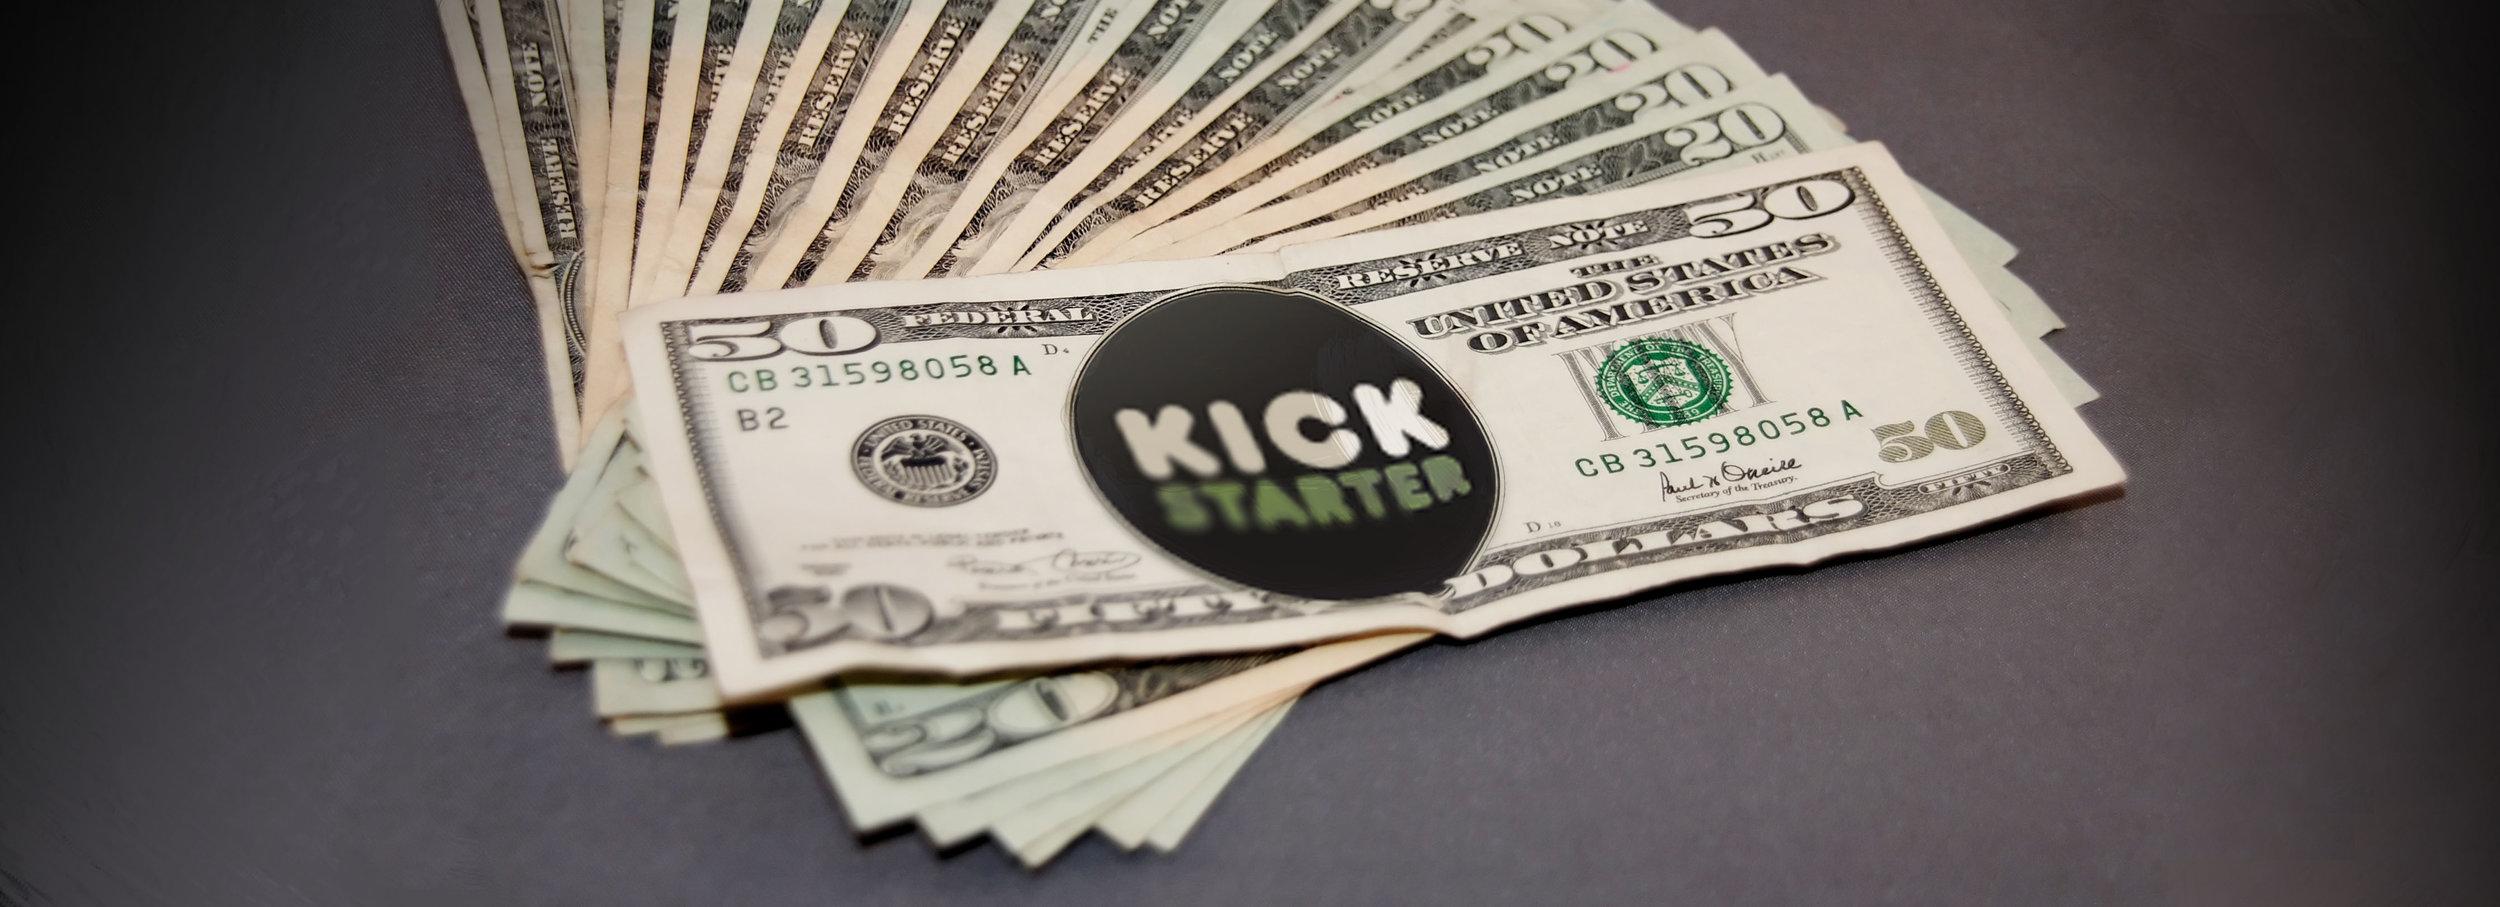 Kickstarter – Gọi vốn cộng đồng -